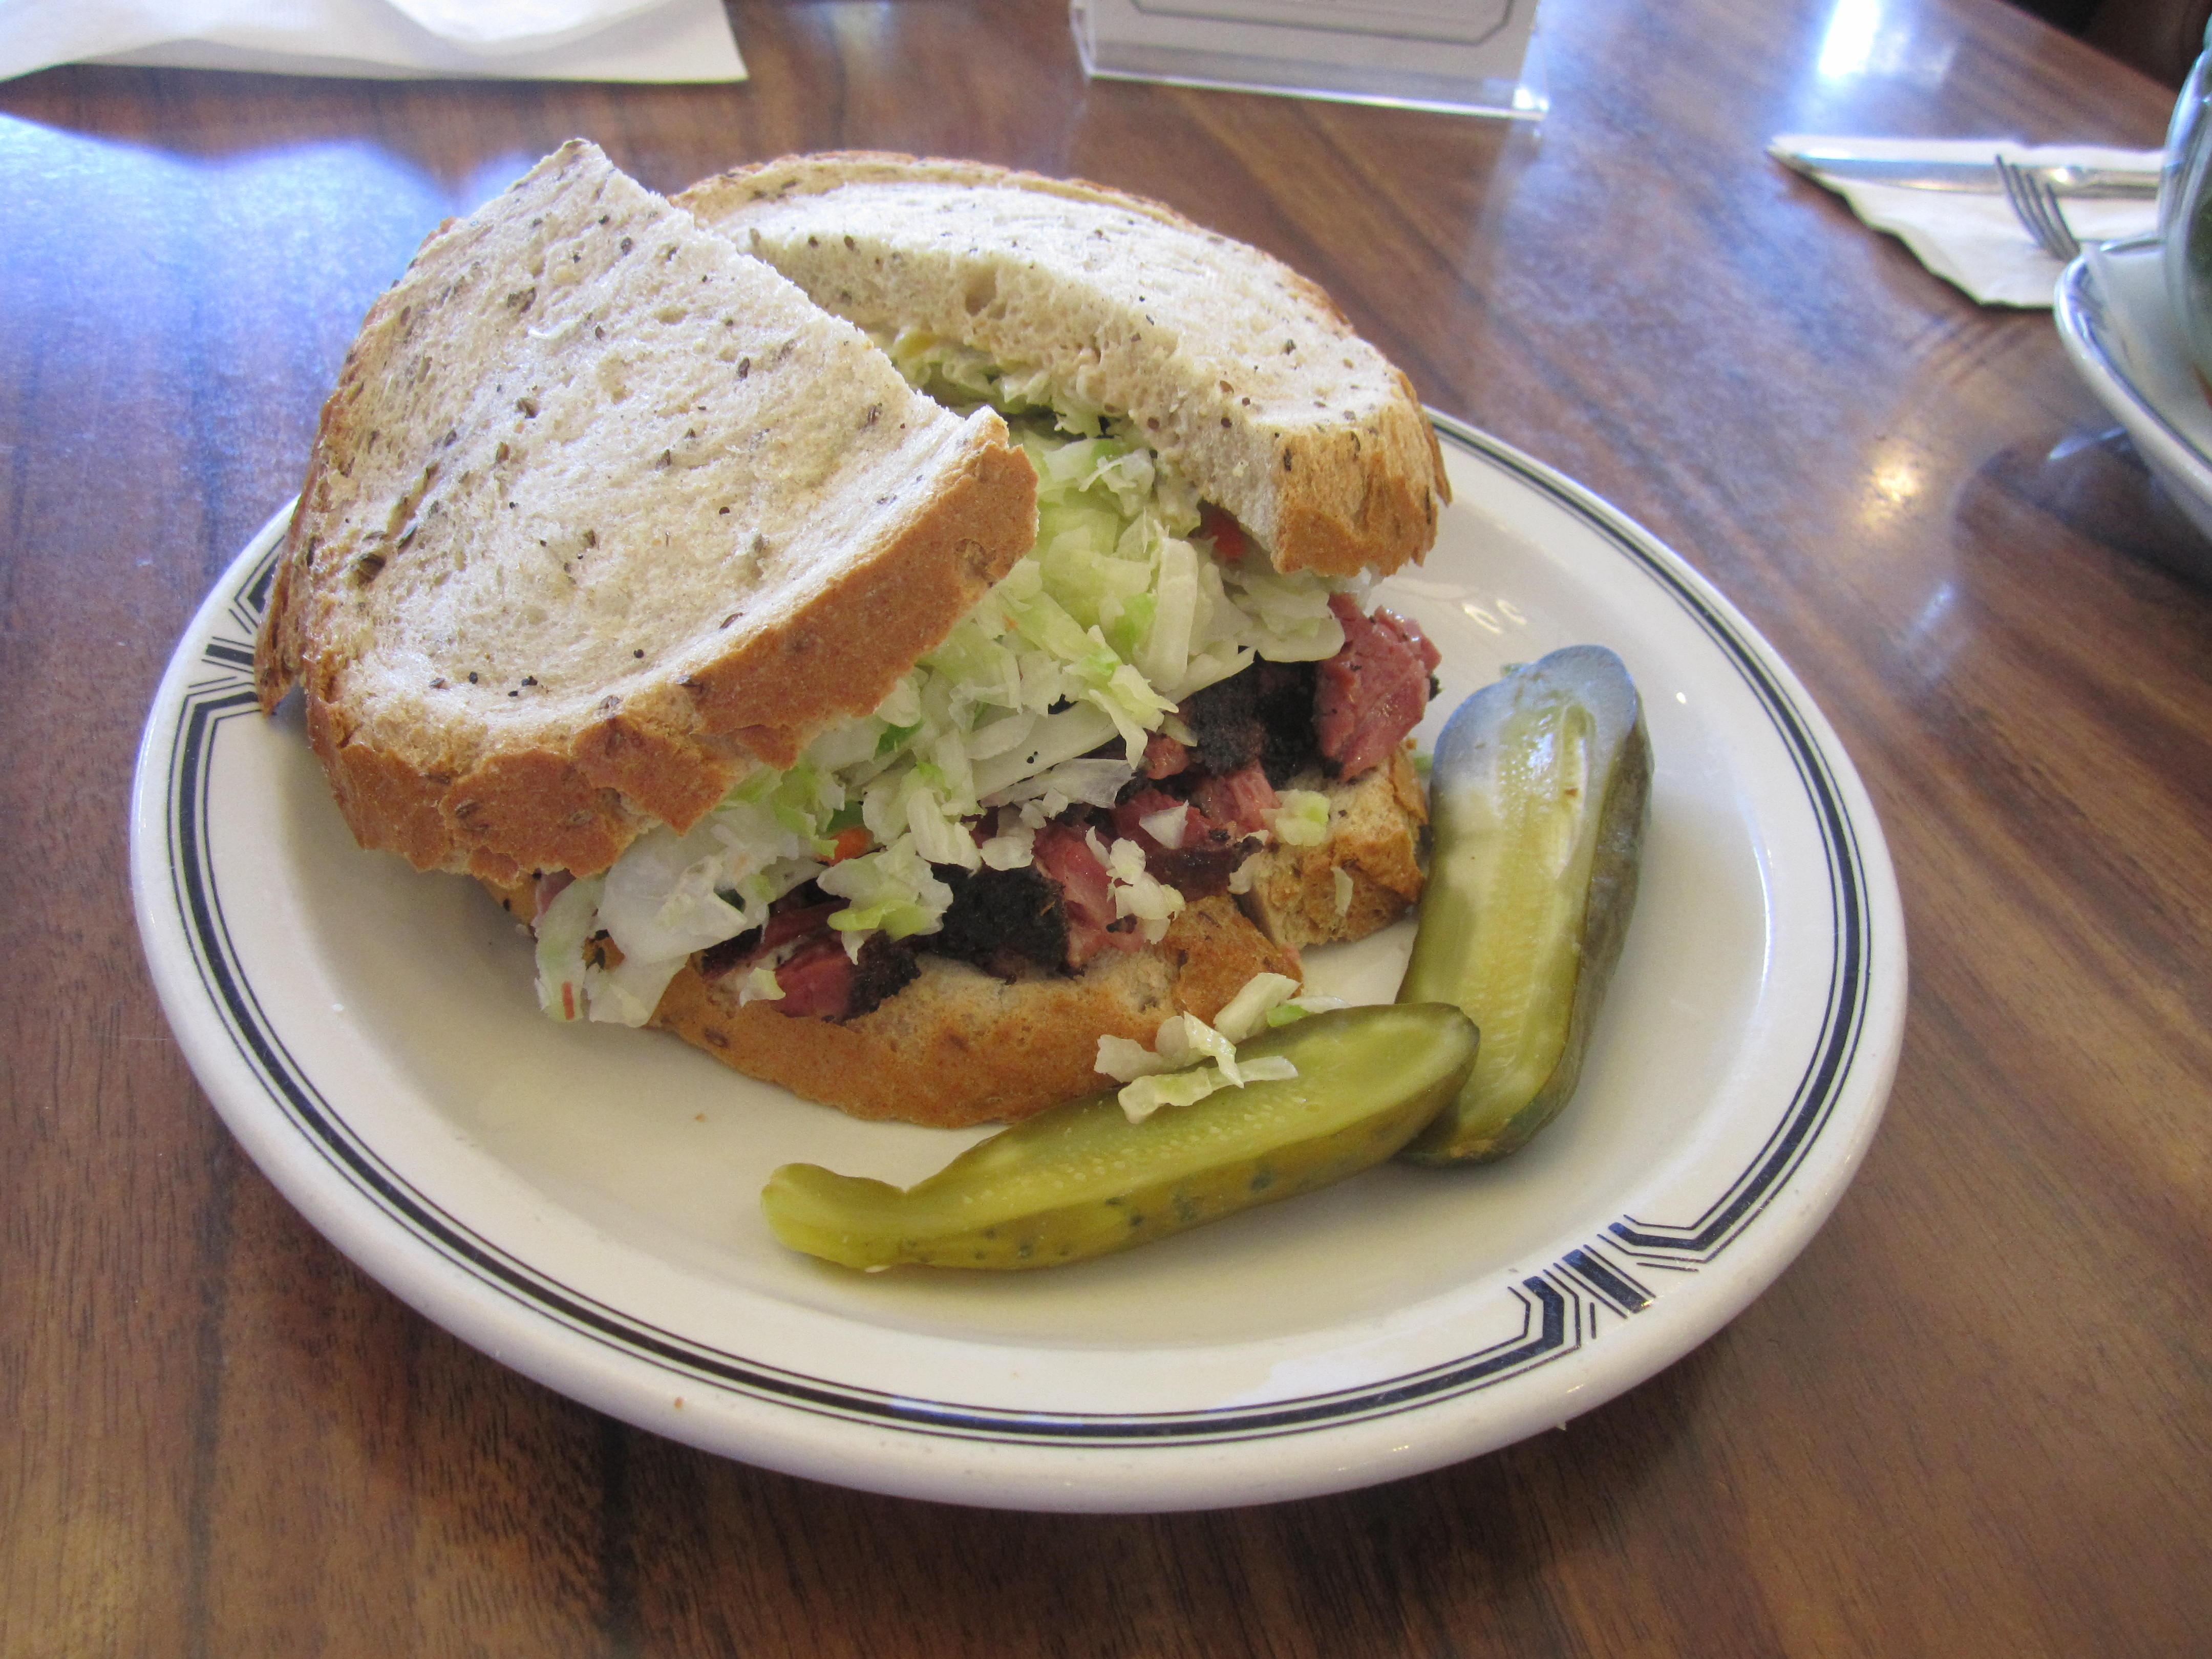 El famoso sándwich #19, que le ha dado fama mundial a Langer's. (Foto María Luisa Arredondo/El Pasajero).